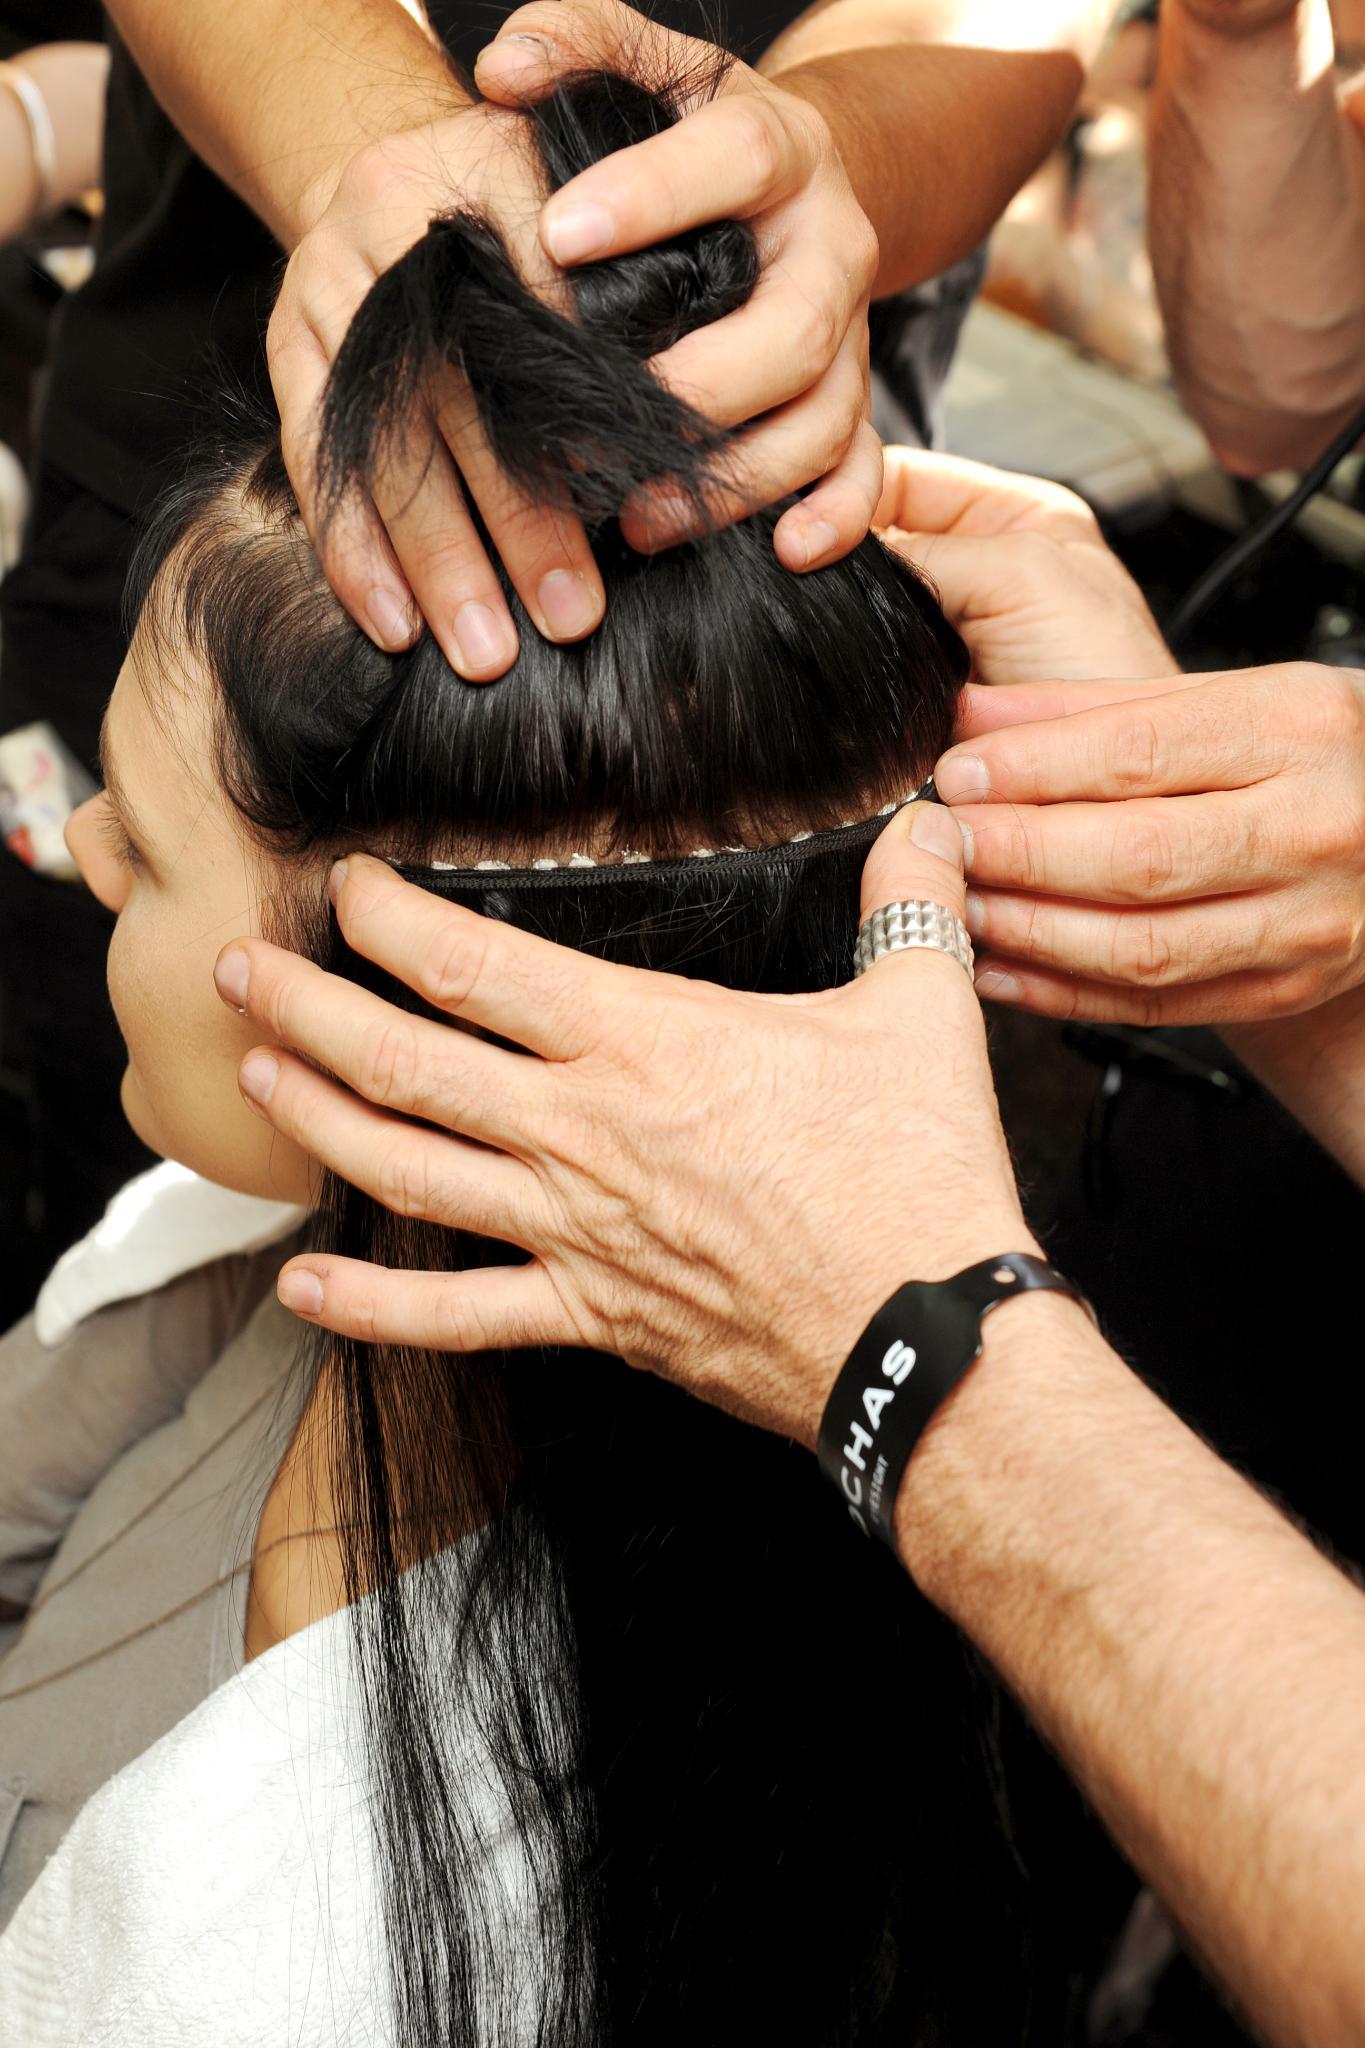 Backstage de peinado, varias manos sostienen una melena lacia y morocha